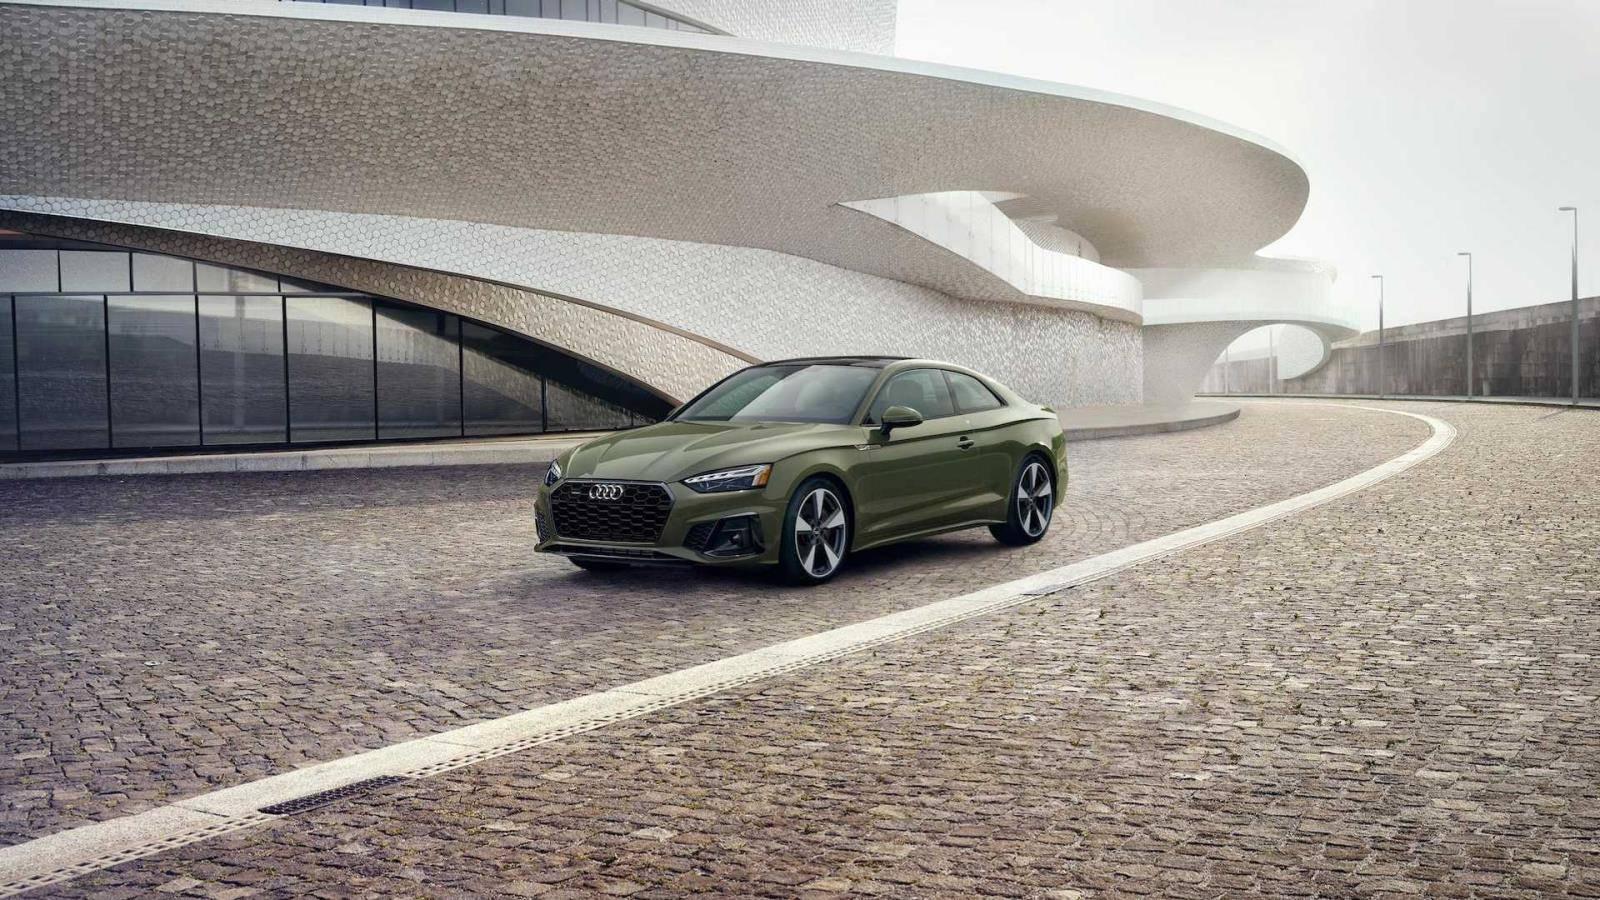 2020款奧迪A5及S5美國市場售價公布,標配quattro四驅